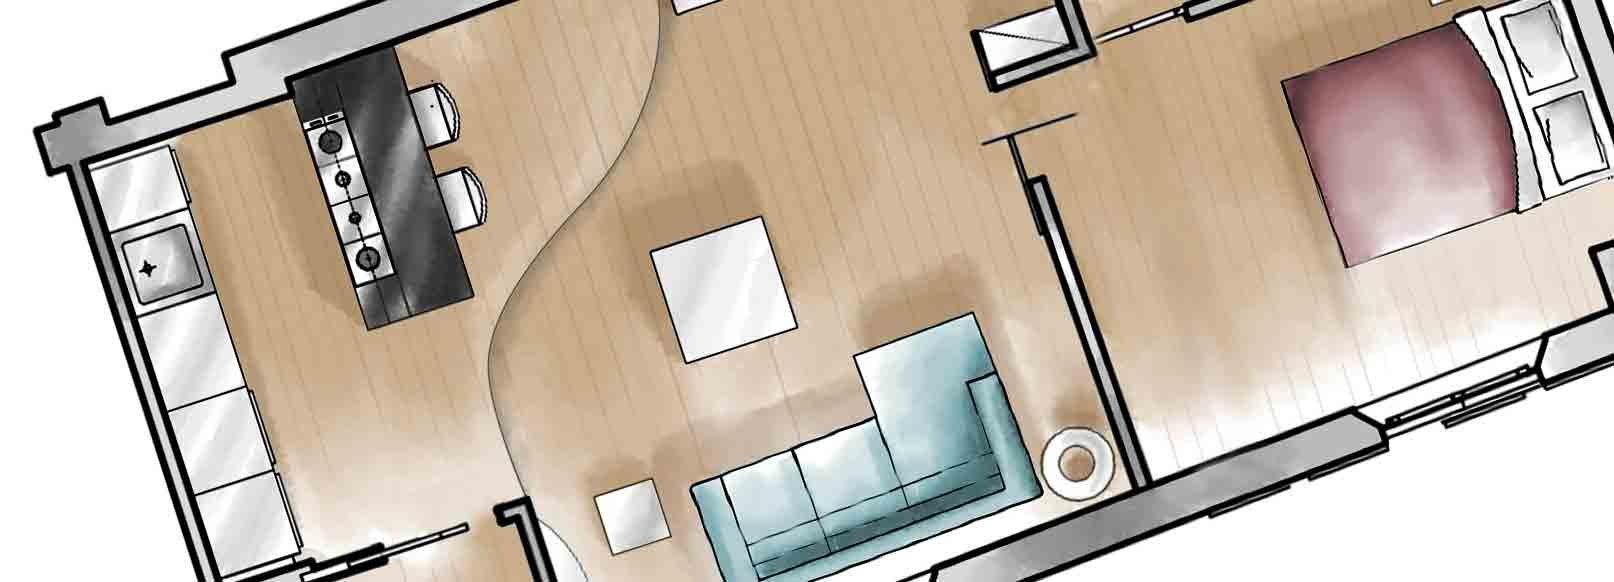 Metri quadrati commerciali che cosa sono e come si for Casa di 2000 metri quadrati